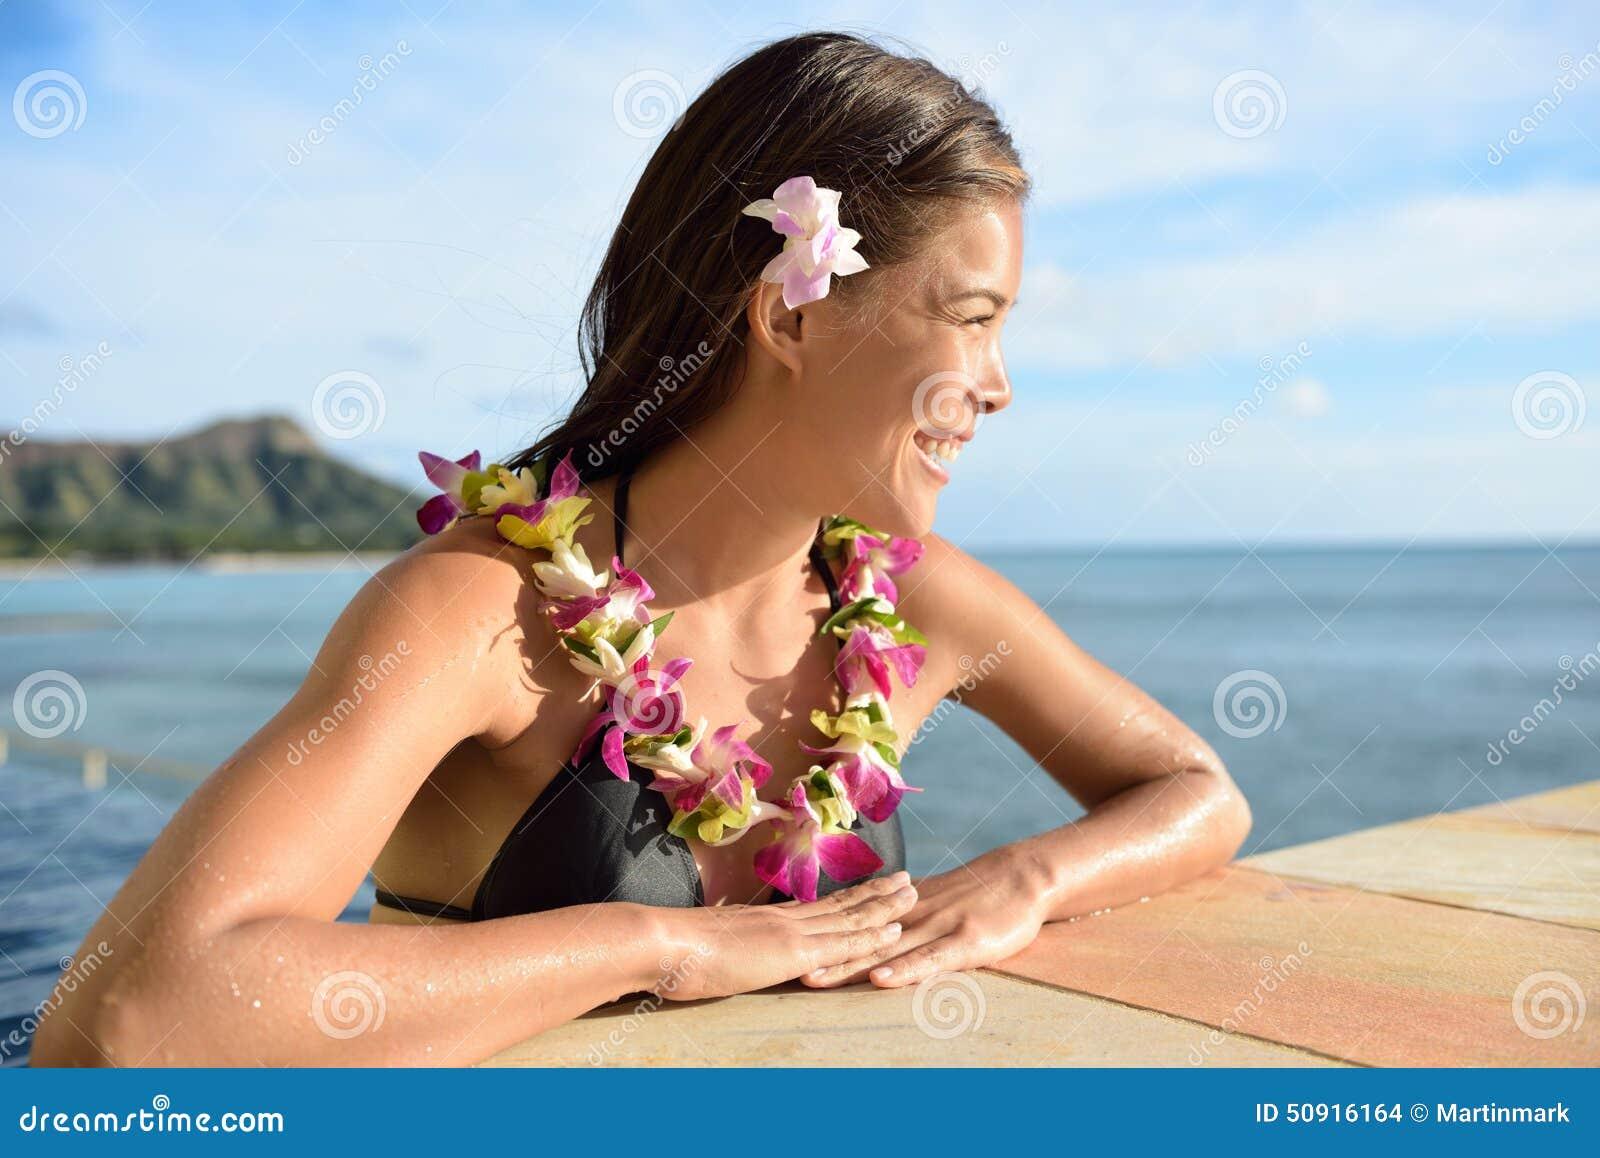 Adult Hawaii Vacation 79